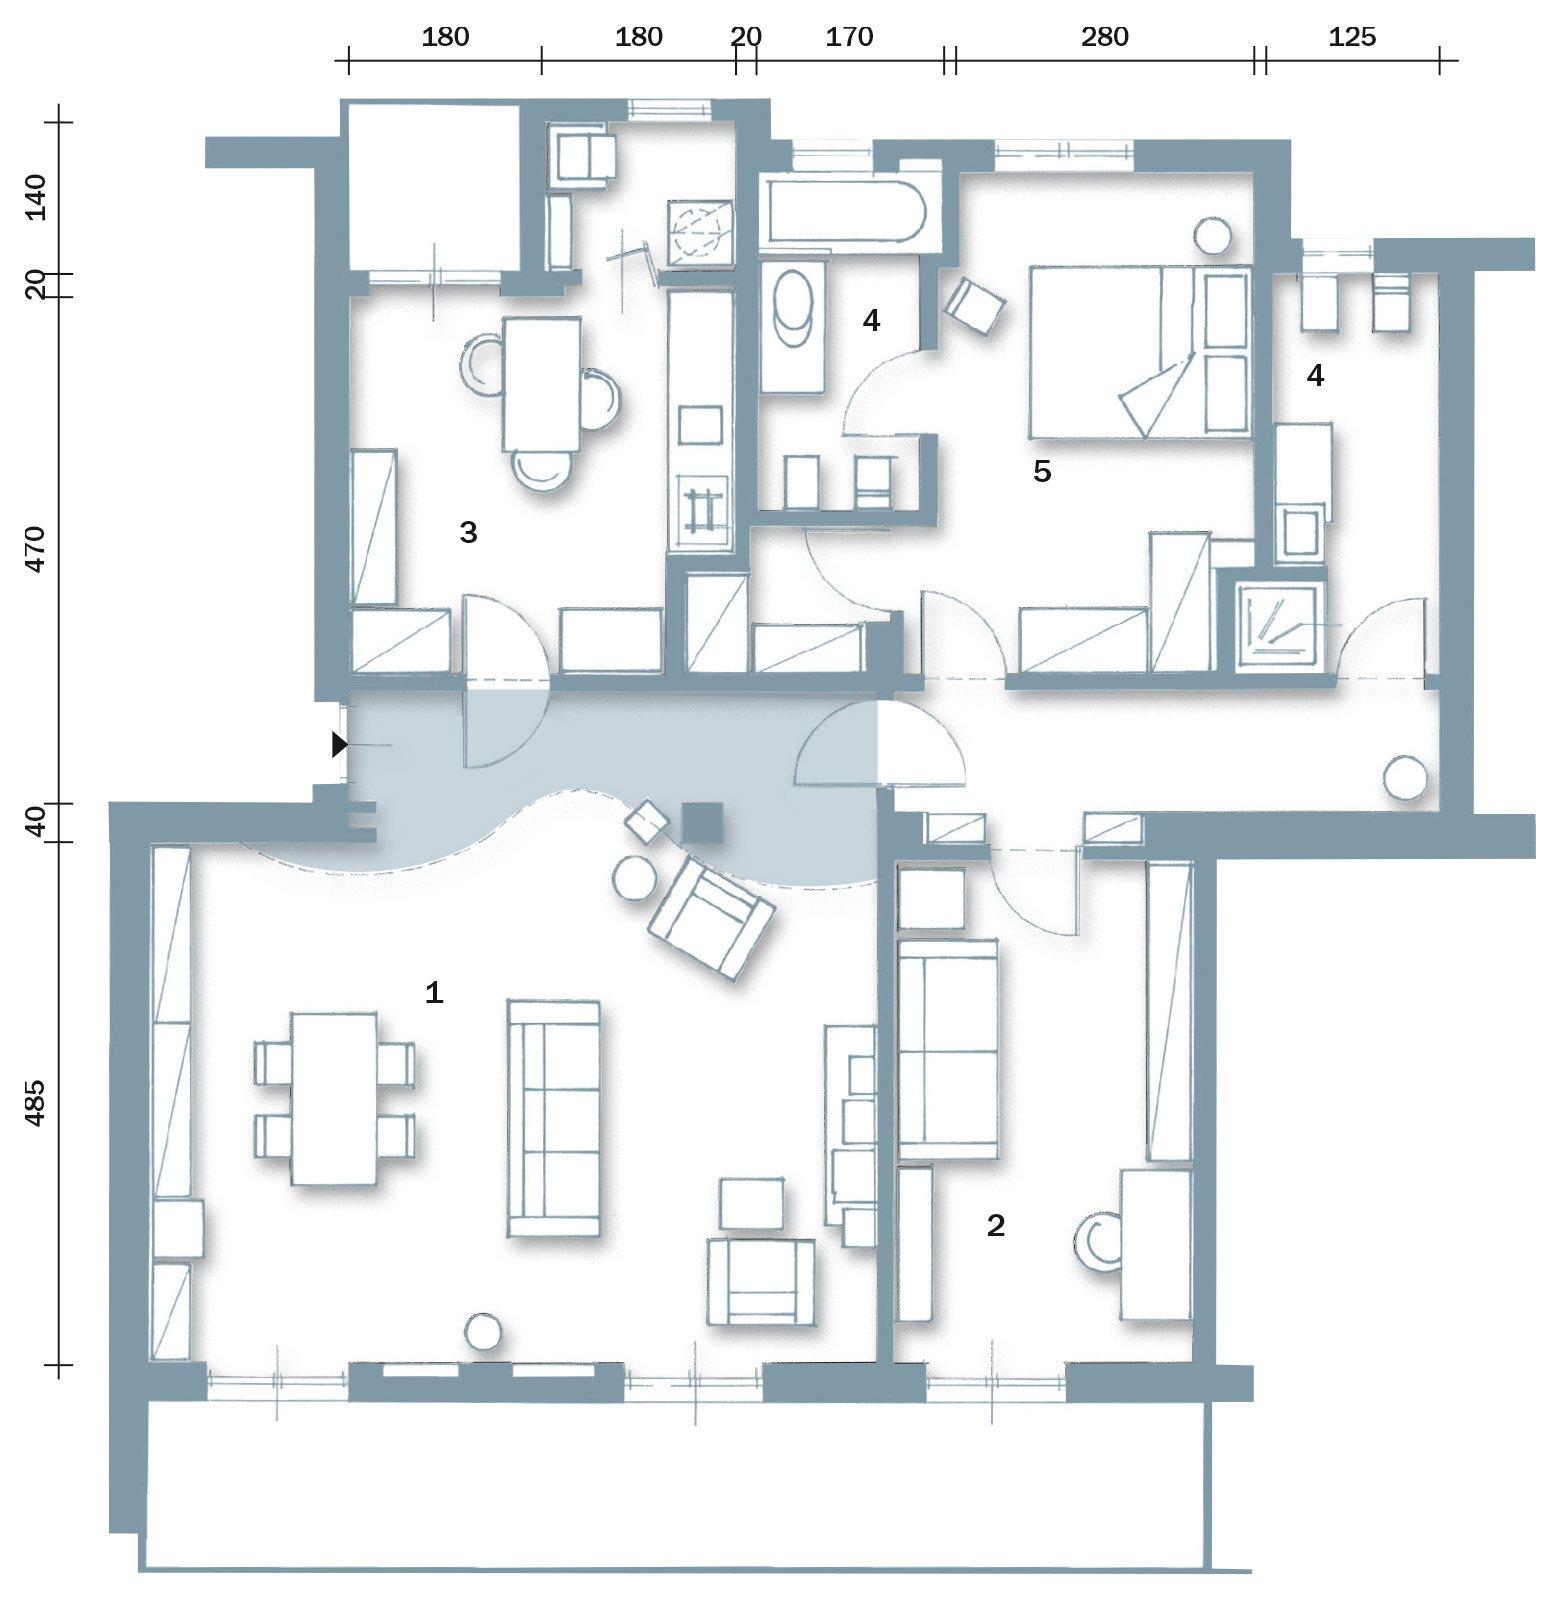 Casabook immobiliare ambienti contemporanei per una casa for Disegnare la mia planimetria